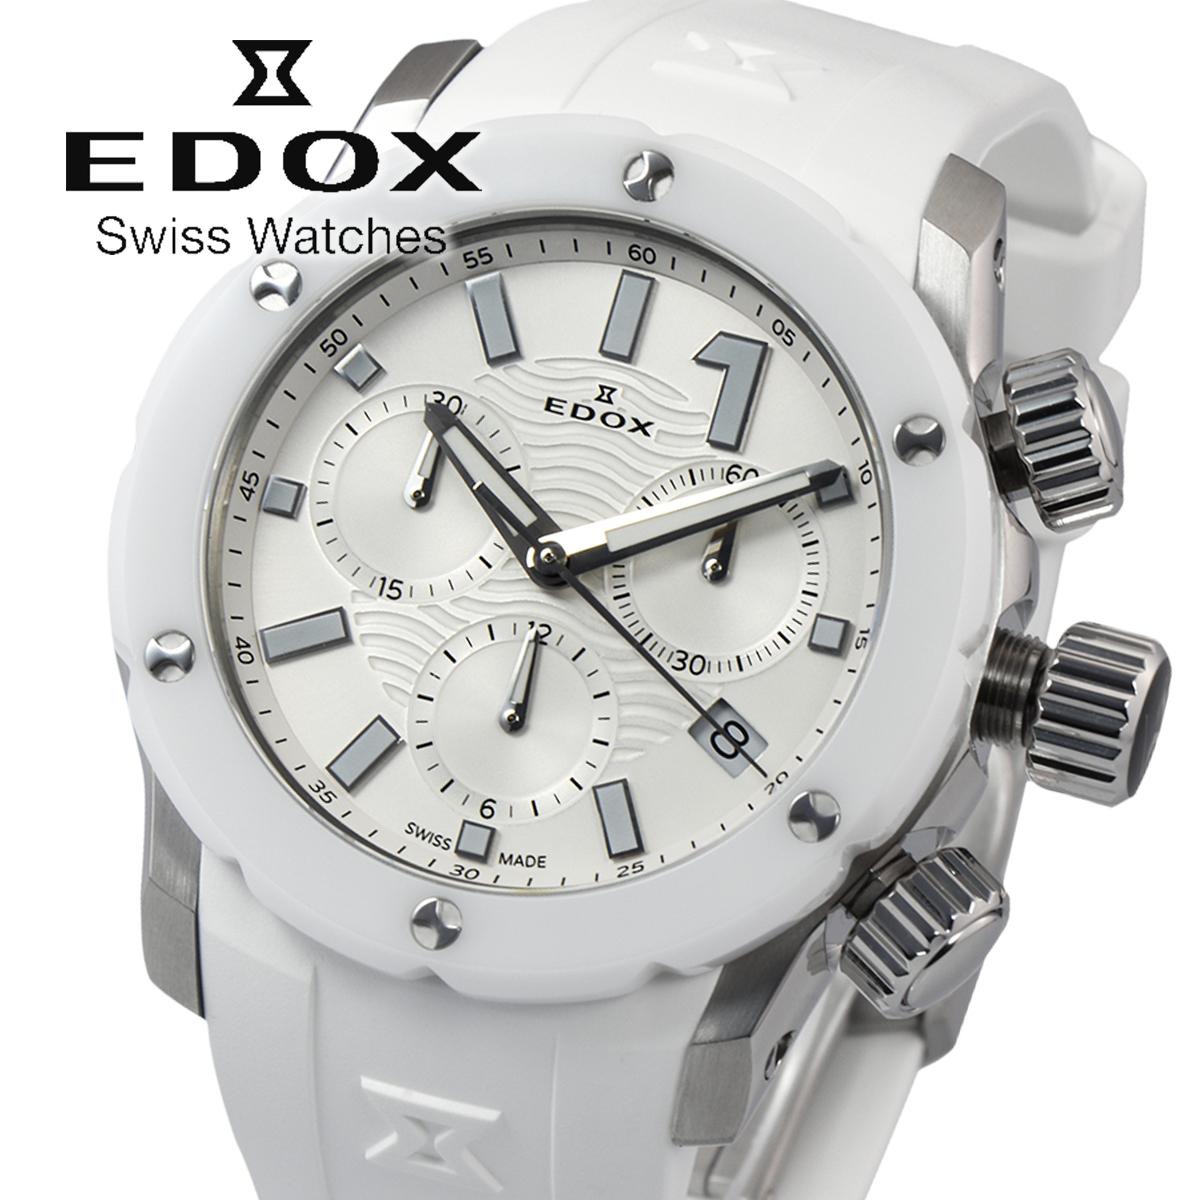 【全品送料無料】 エドックス EDOX CHRONOFFSHORE-1 10225 3B BIN レディース 時計 腕時計 クオ